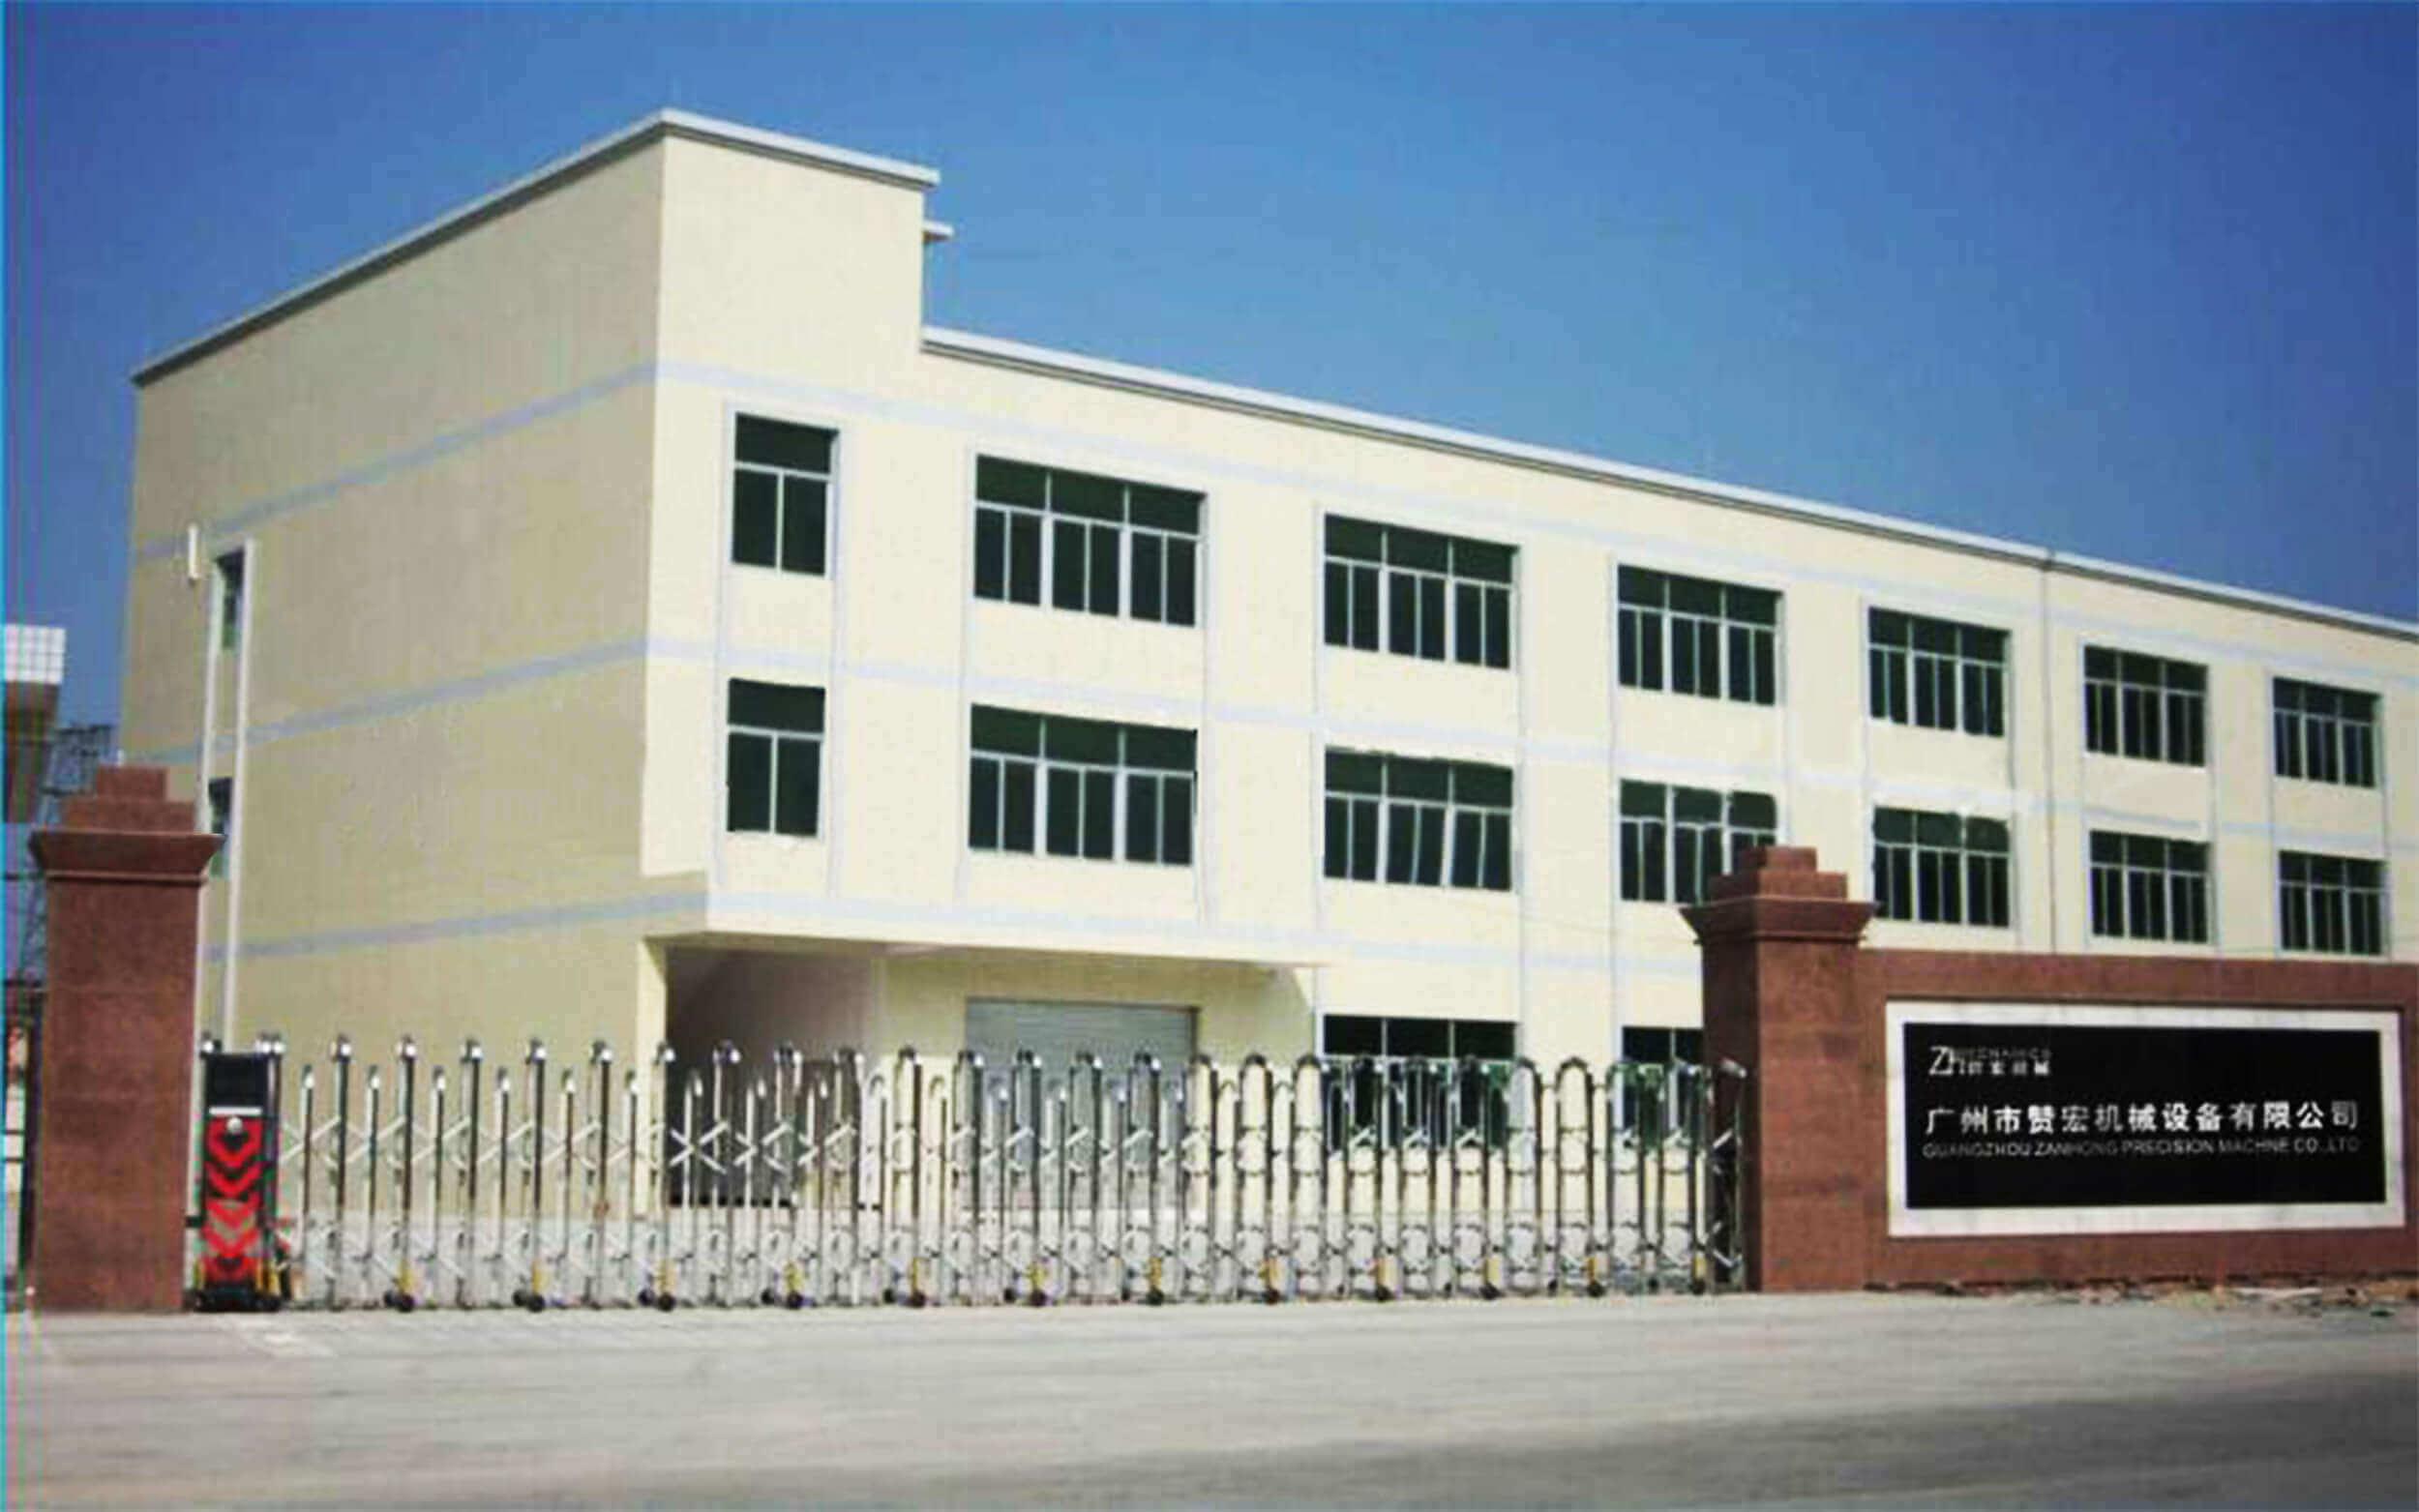 广州市赞宏机械设备有限公司厂区大门